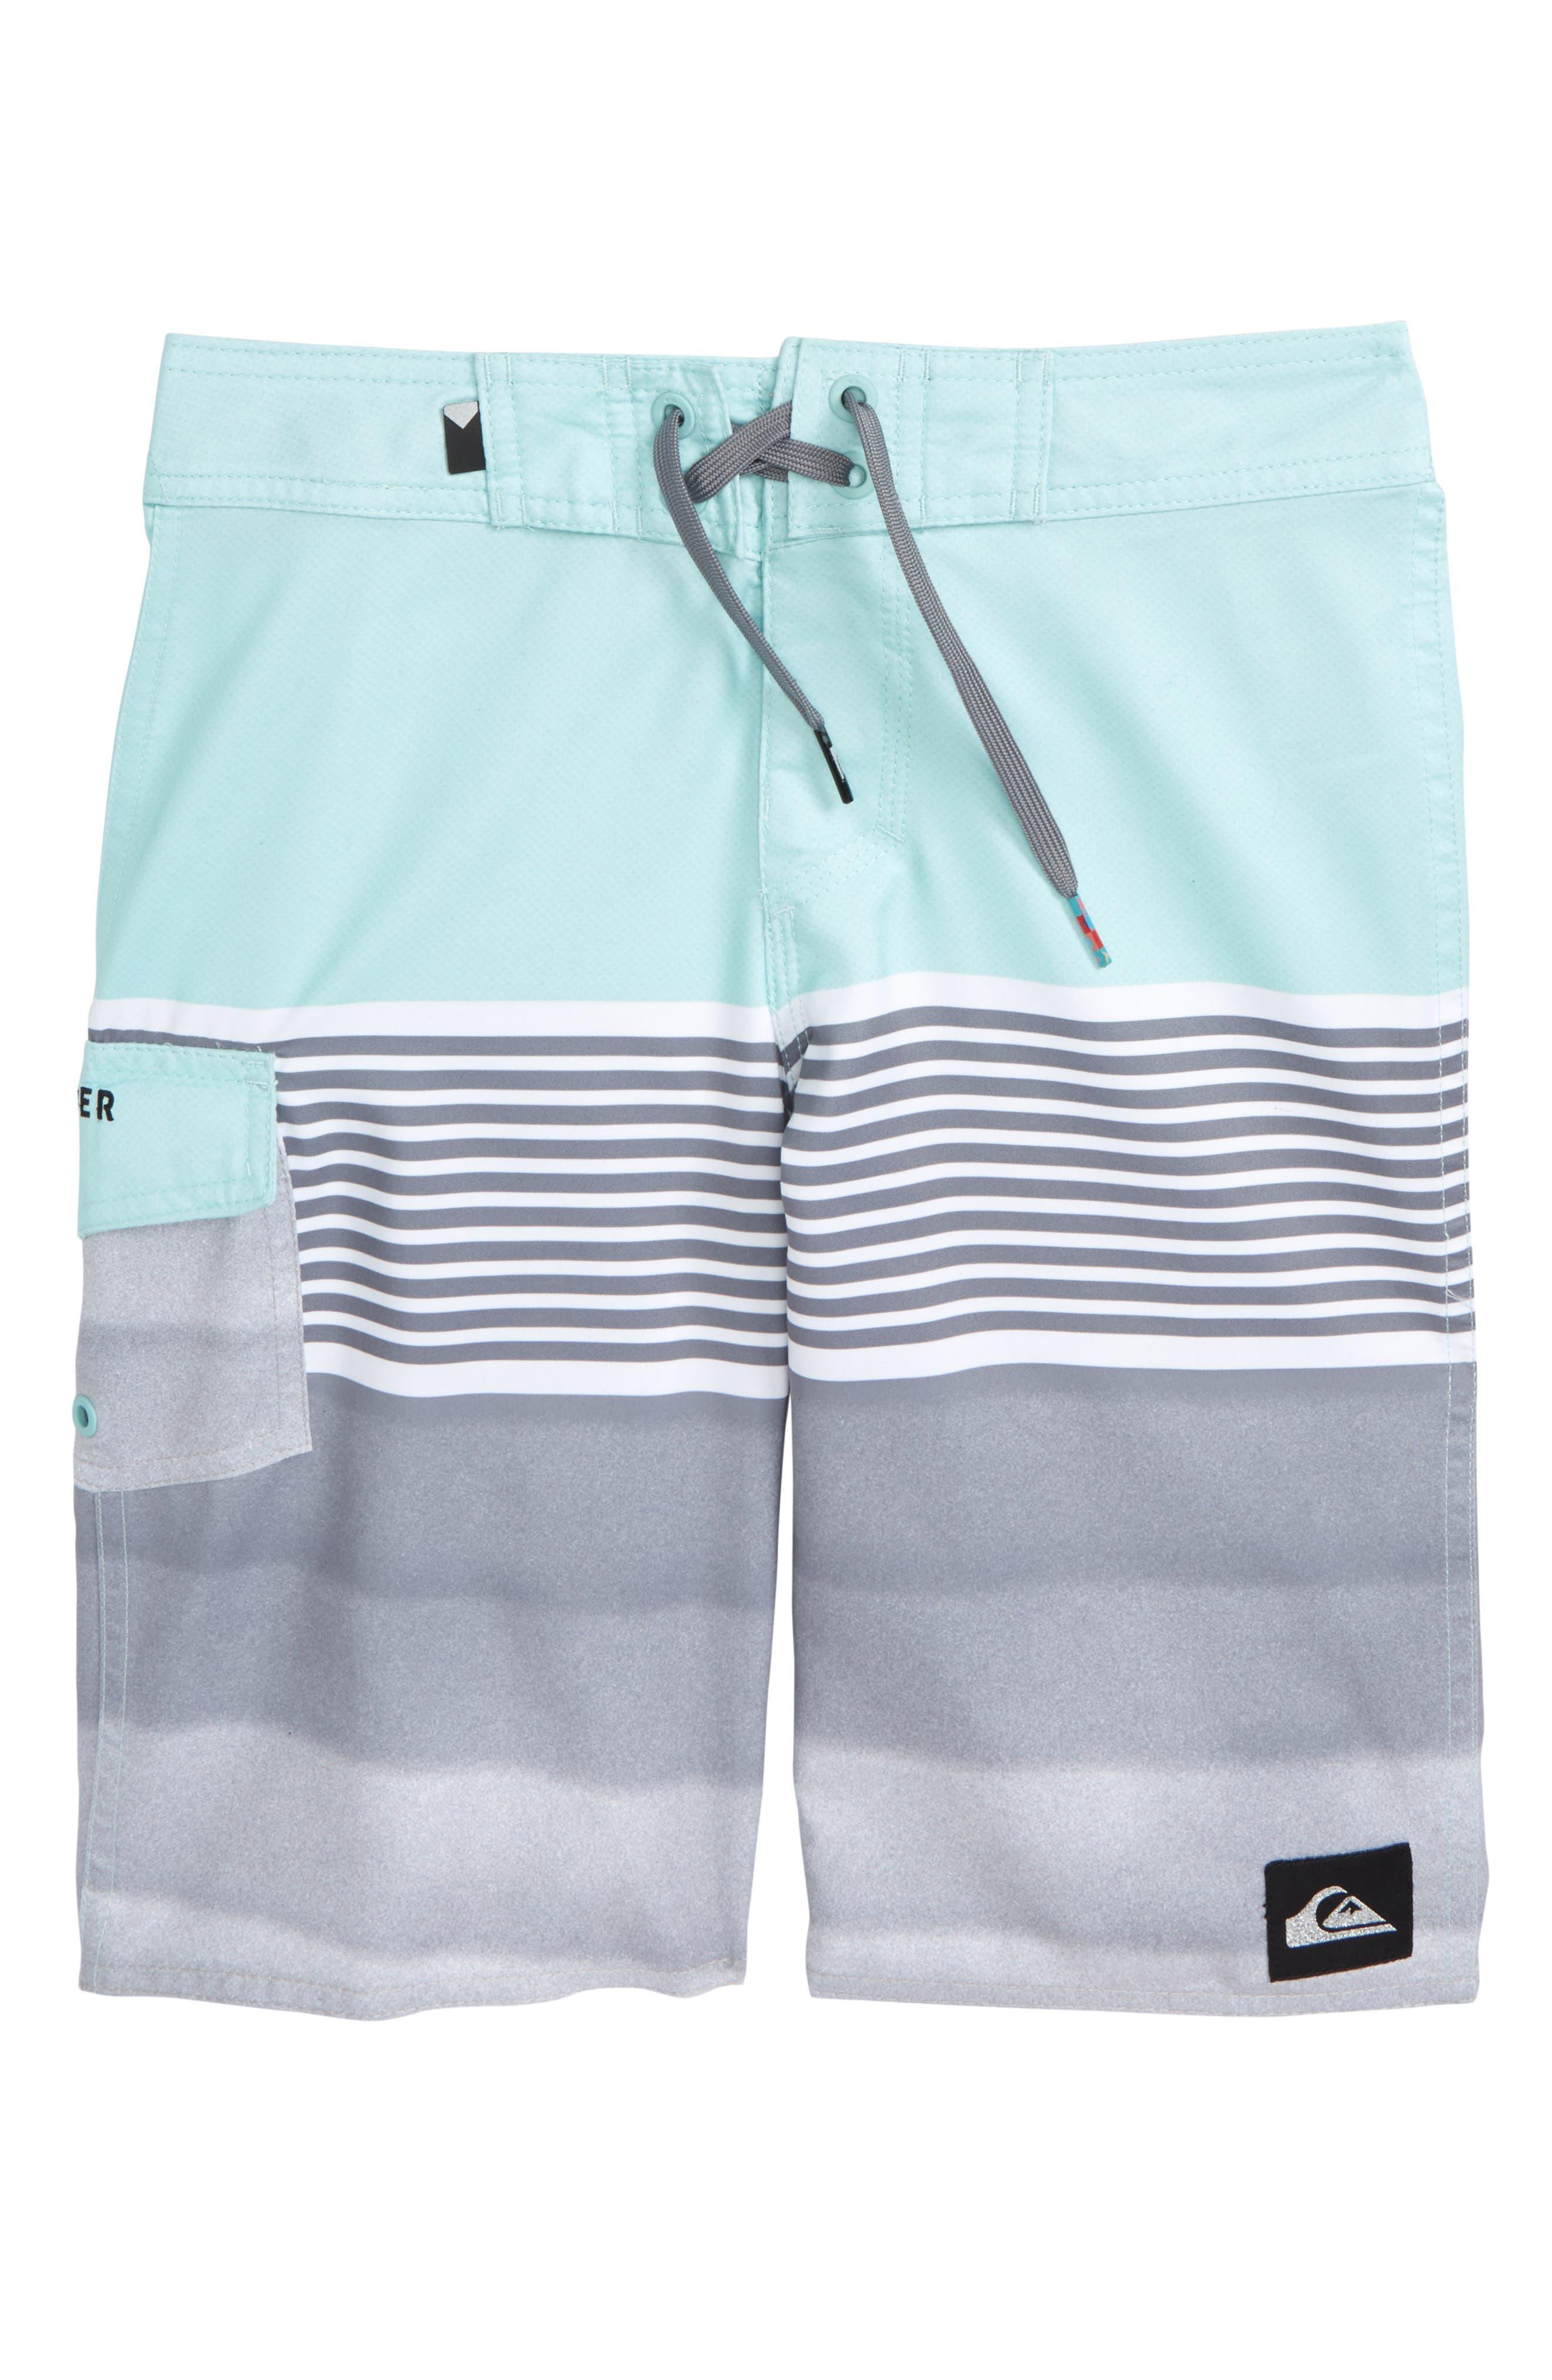 Division Board Shorts,                             Main thumbnail 1, color,                             401